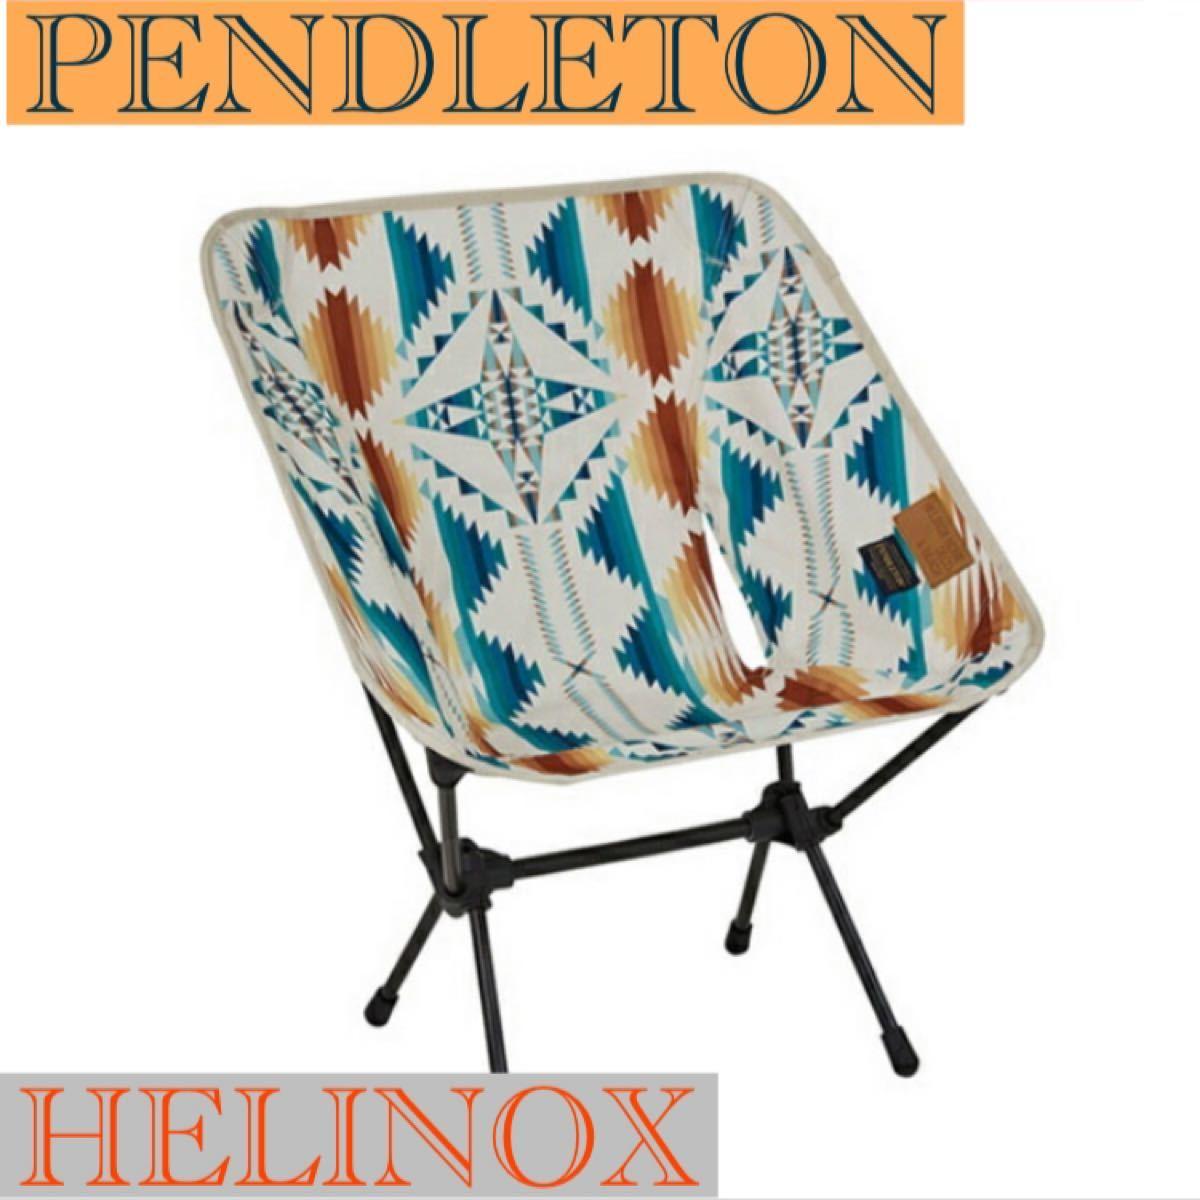 Helinox Pendleton ペンドルトン×ヘリノックス チェアホーム ファルコンコーブサンセット 新品未使用